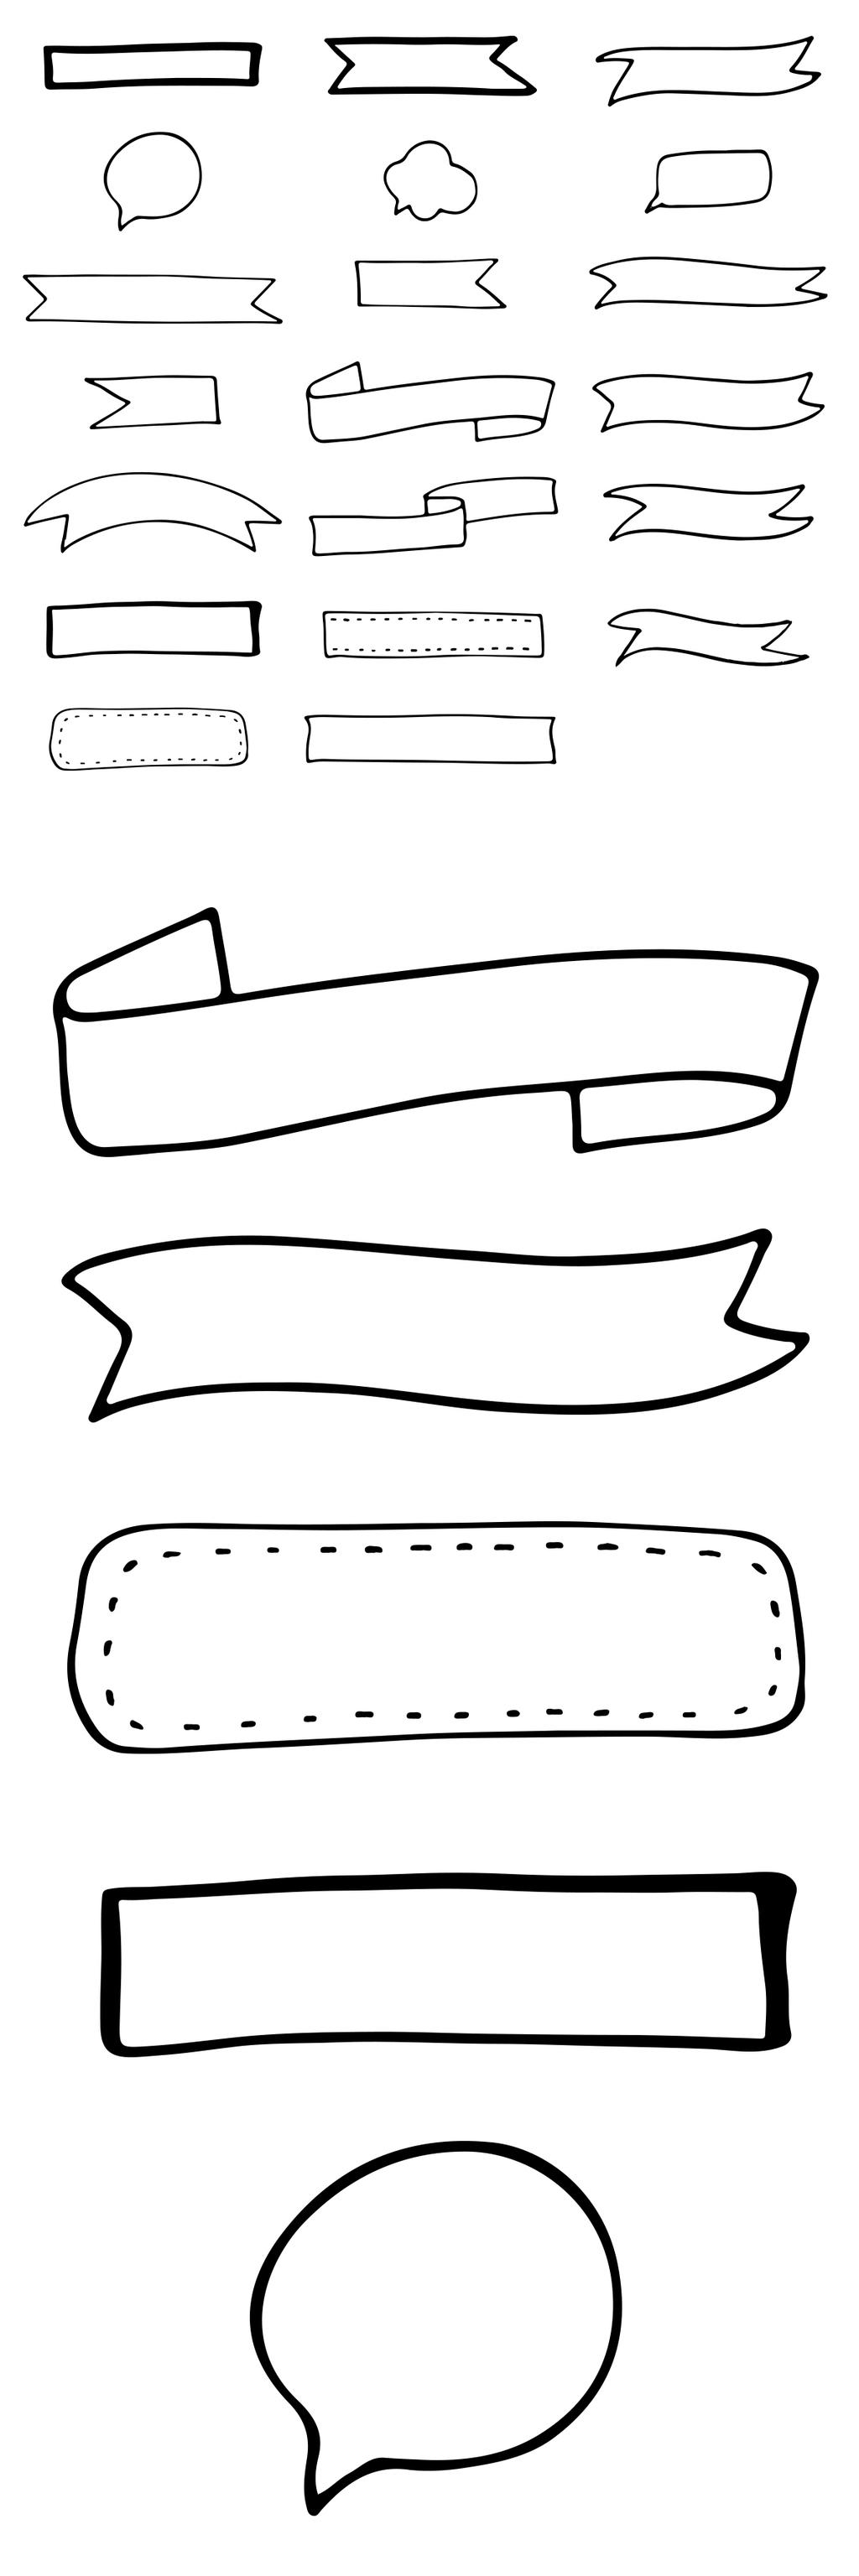 2017黑白简约手绘线条飘带彩带矢量边框素材